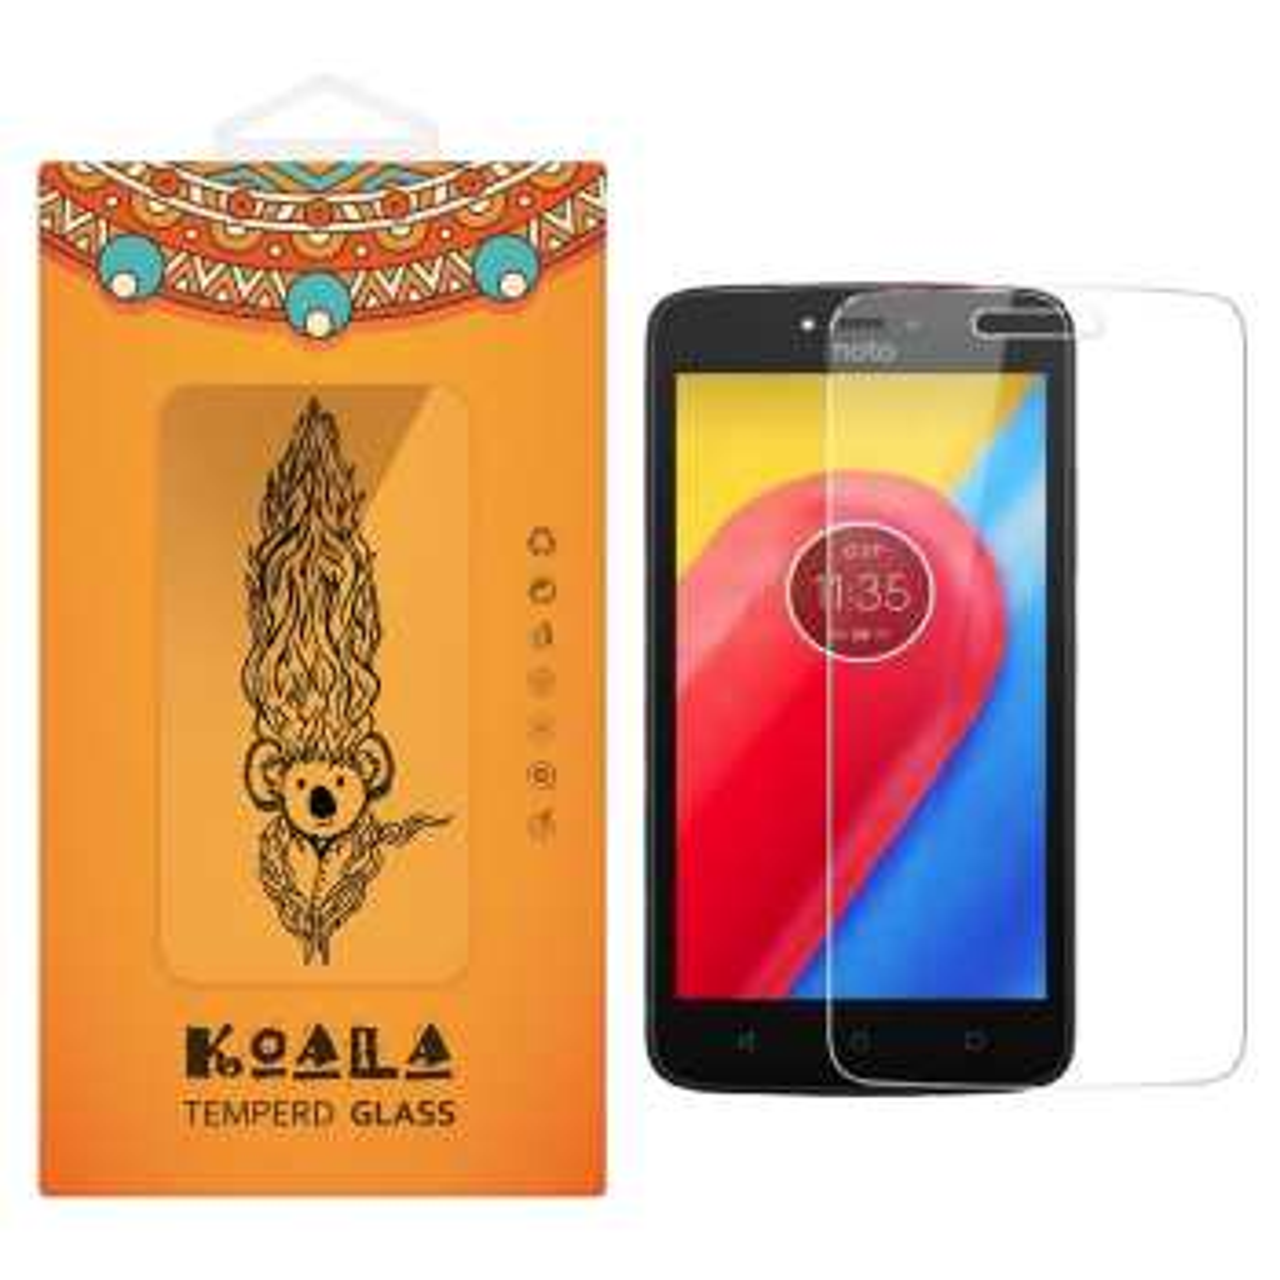 محافظ صفحه نمایش شیشه ای کوالا مدل Tempered مناسب برای گوشی موبایل موتورولا Moto C Plus